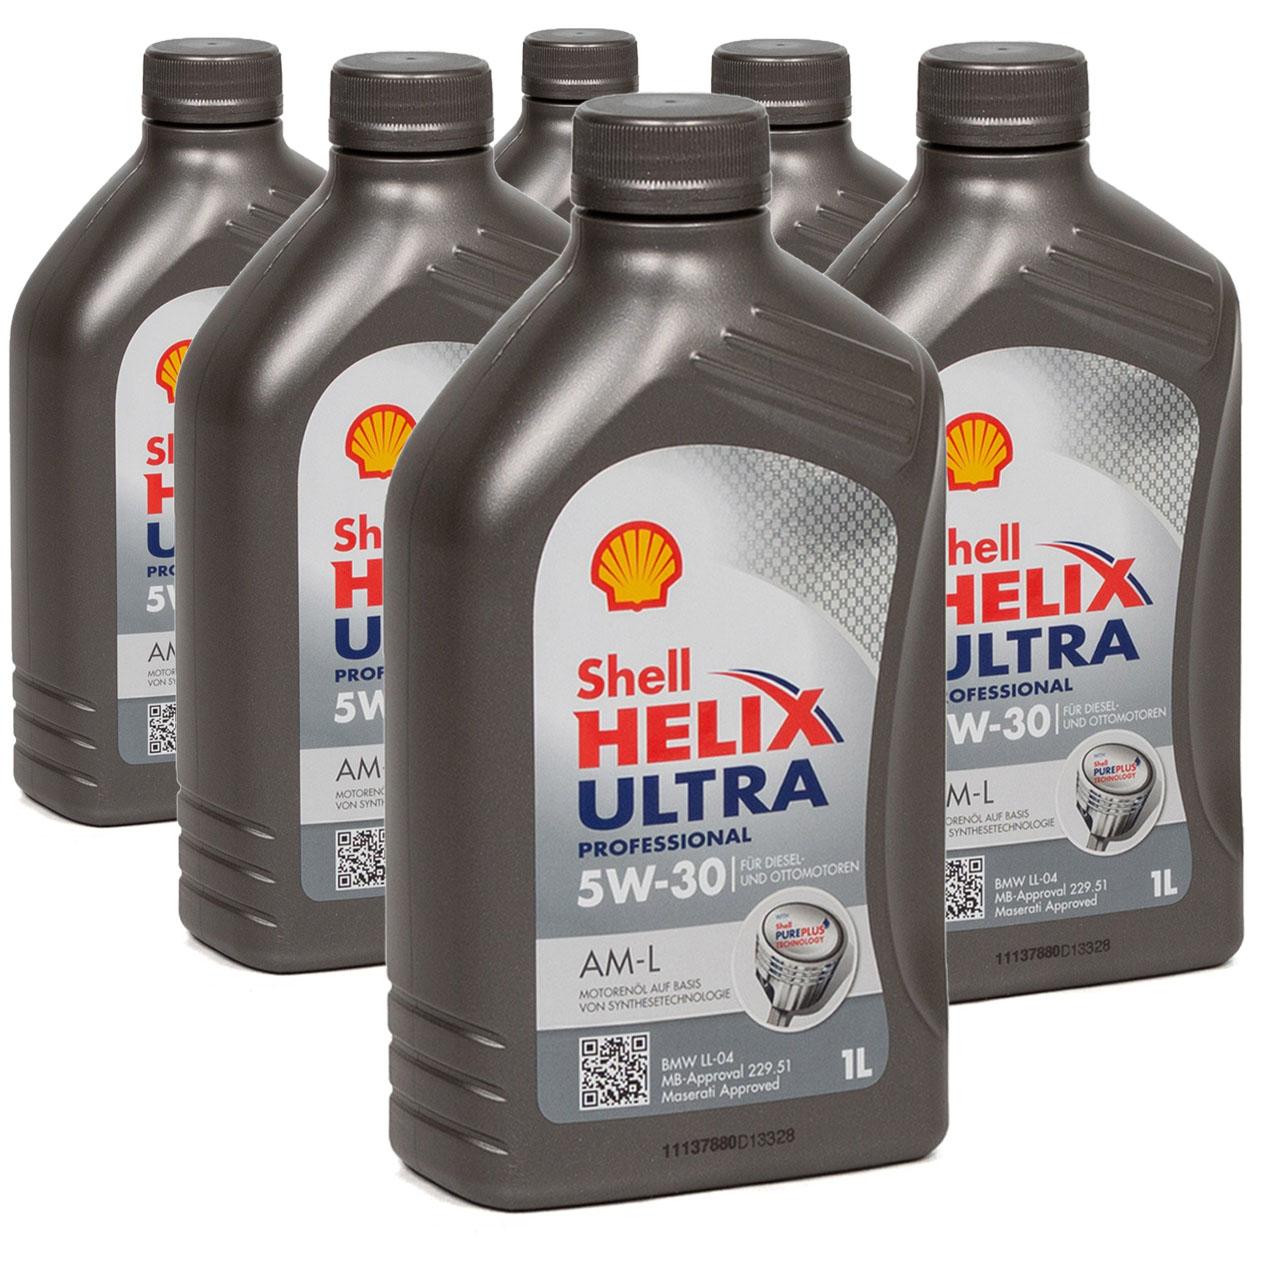 SHELL Motoröl Öl HELIX ULTRA Professional AM-L 5W30 für BMW LL-04 - 6L 6 Liter